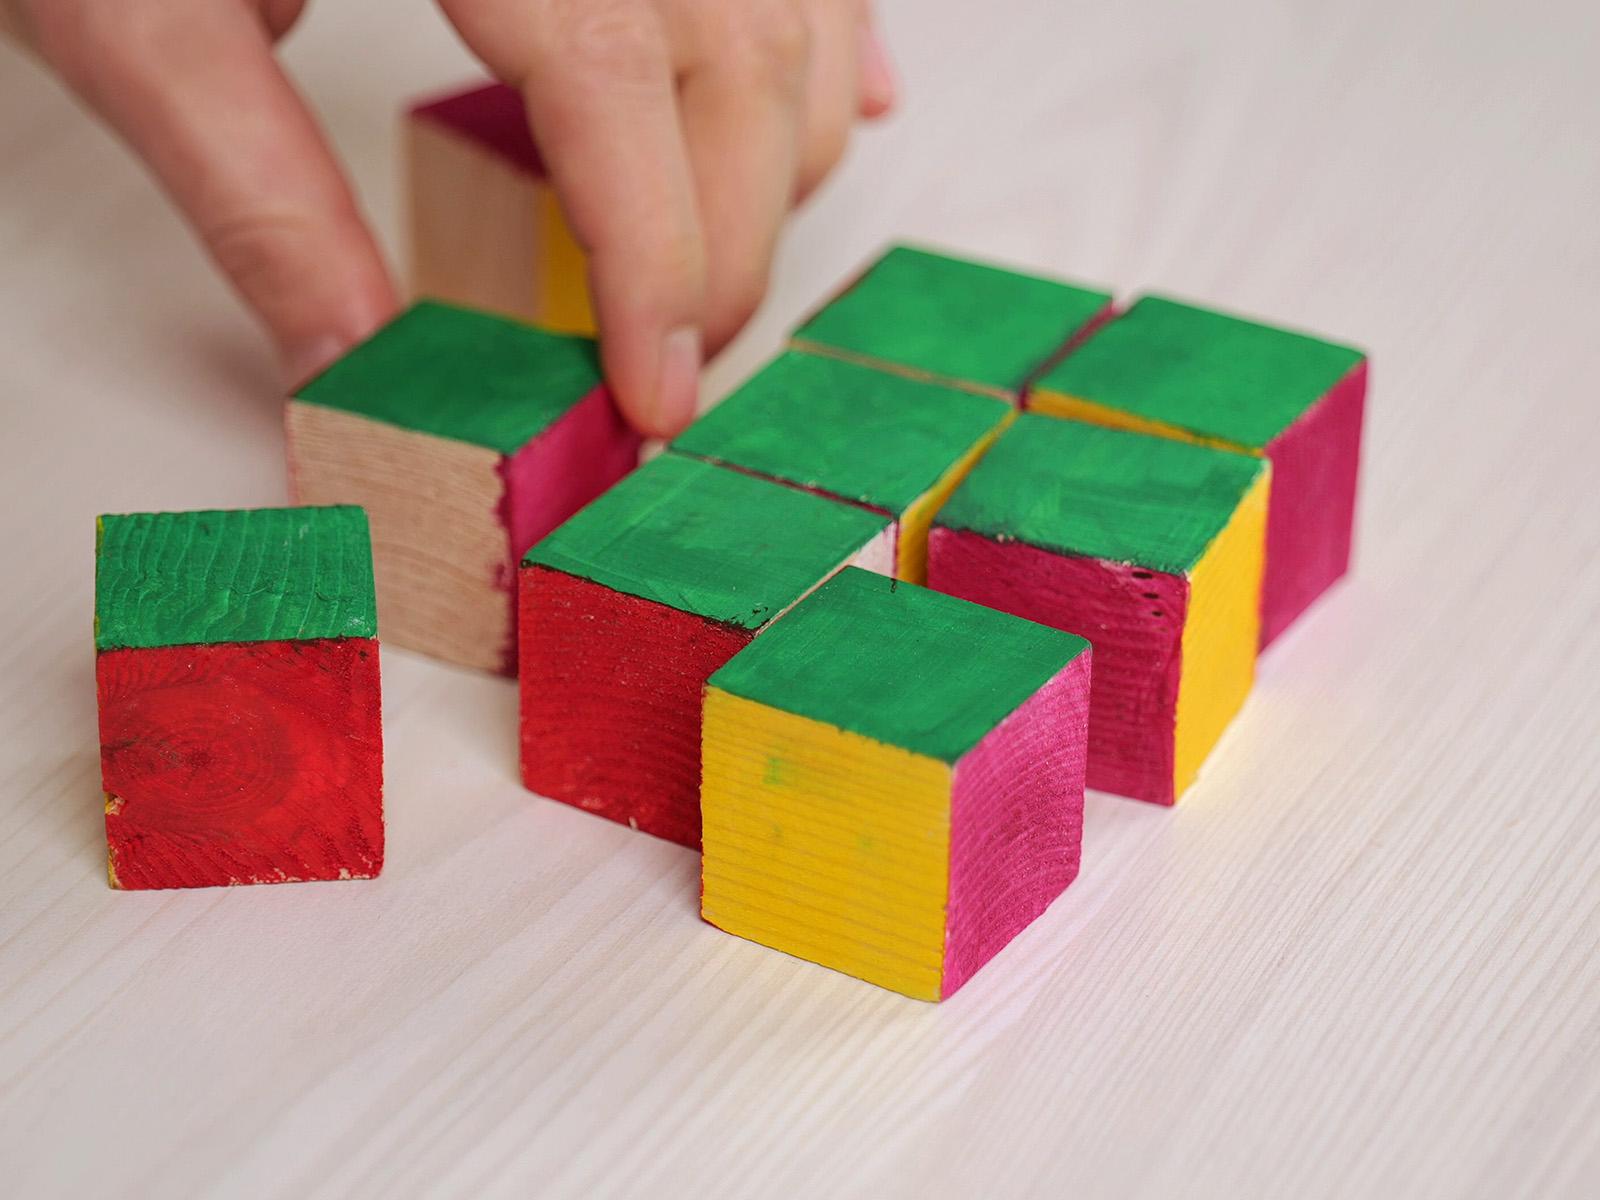 A natúr fa kockákból vízfesték segítségével hamar színes kockákat varázsolhatunk.